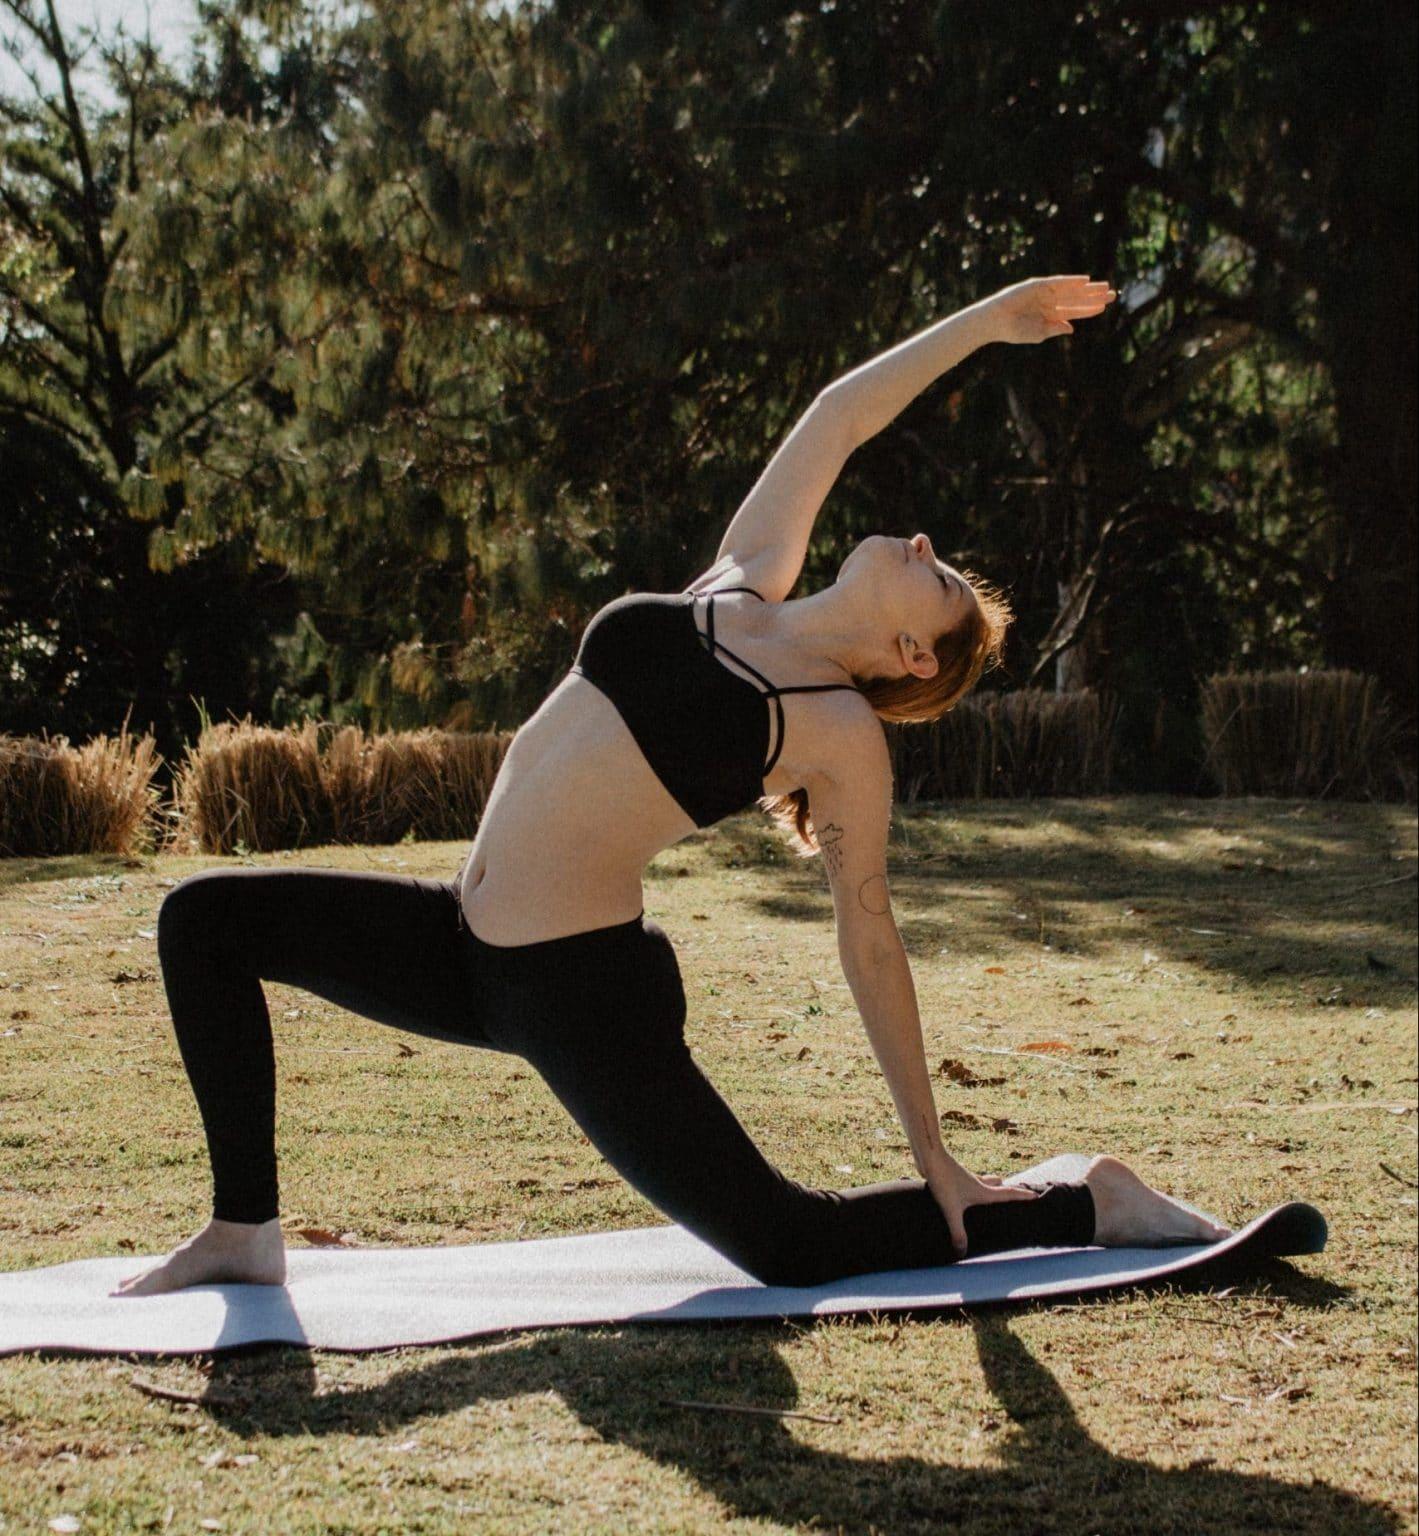 Yoga Frau macht Yoga in Natur mit Sonne auf Yogamatte